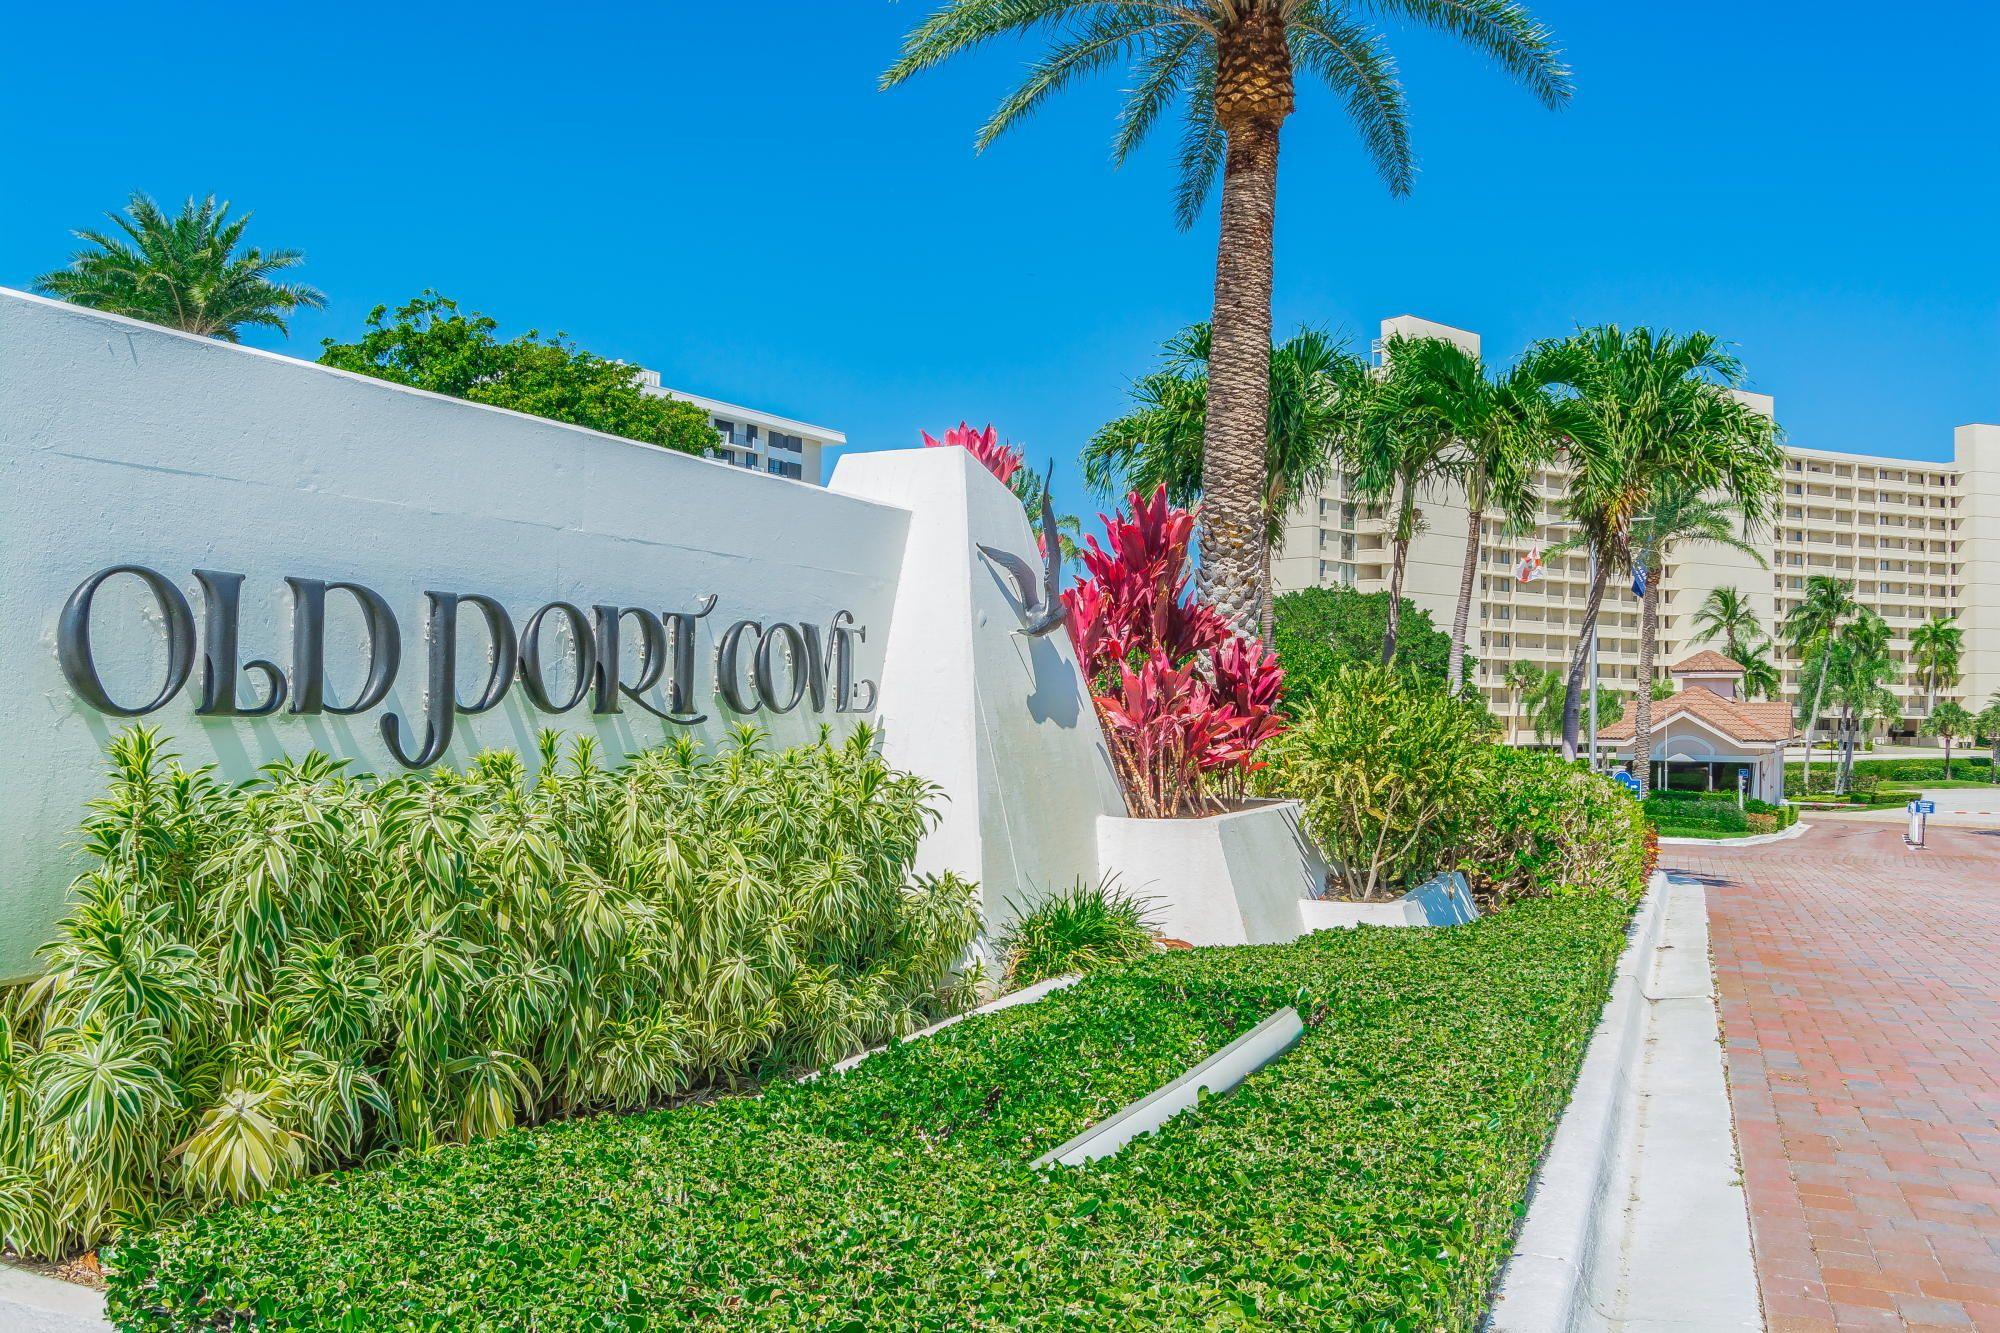 3ae1697ede0ca30e349e9f57a5d2965c - Condos Palm Beach Gardens For Sale